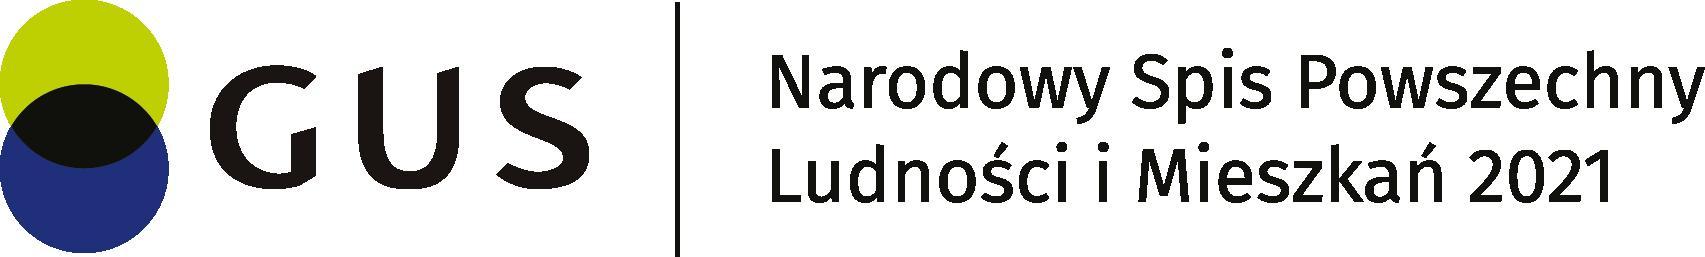 https://spis.gov.pl/wp-content/uploads/2021/01/logo-NSP-1.png